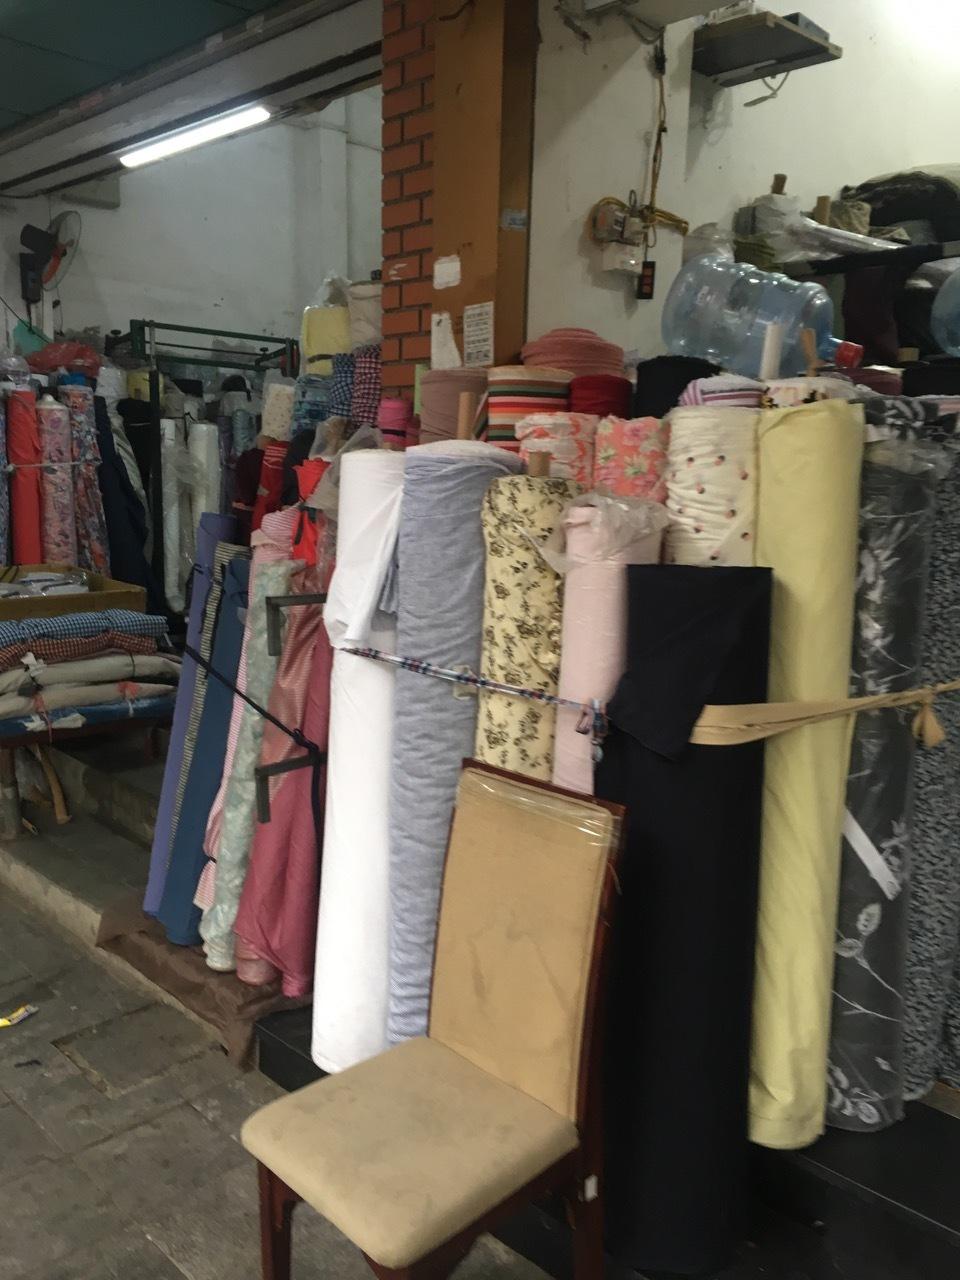 Streetside fabric 'shops'